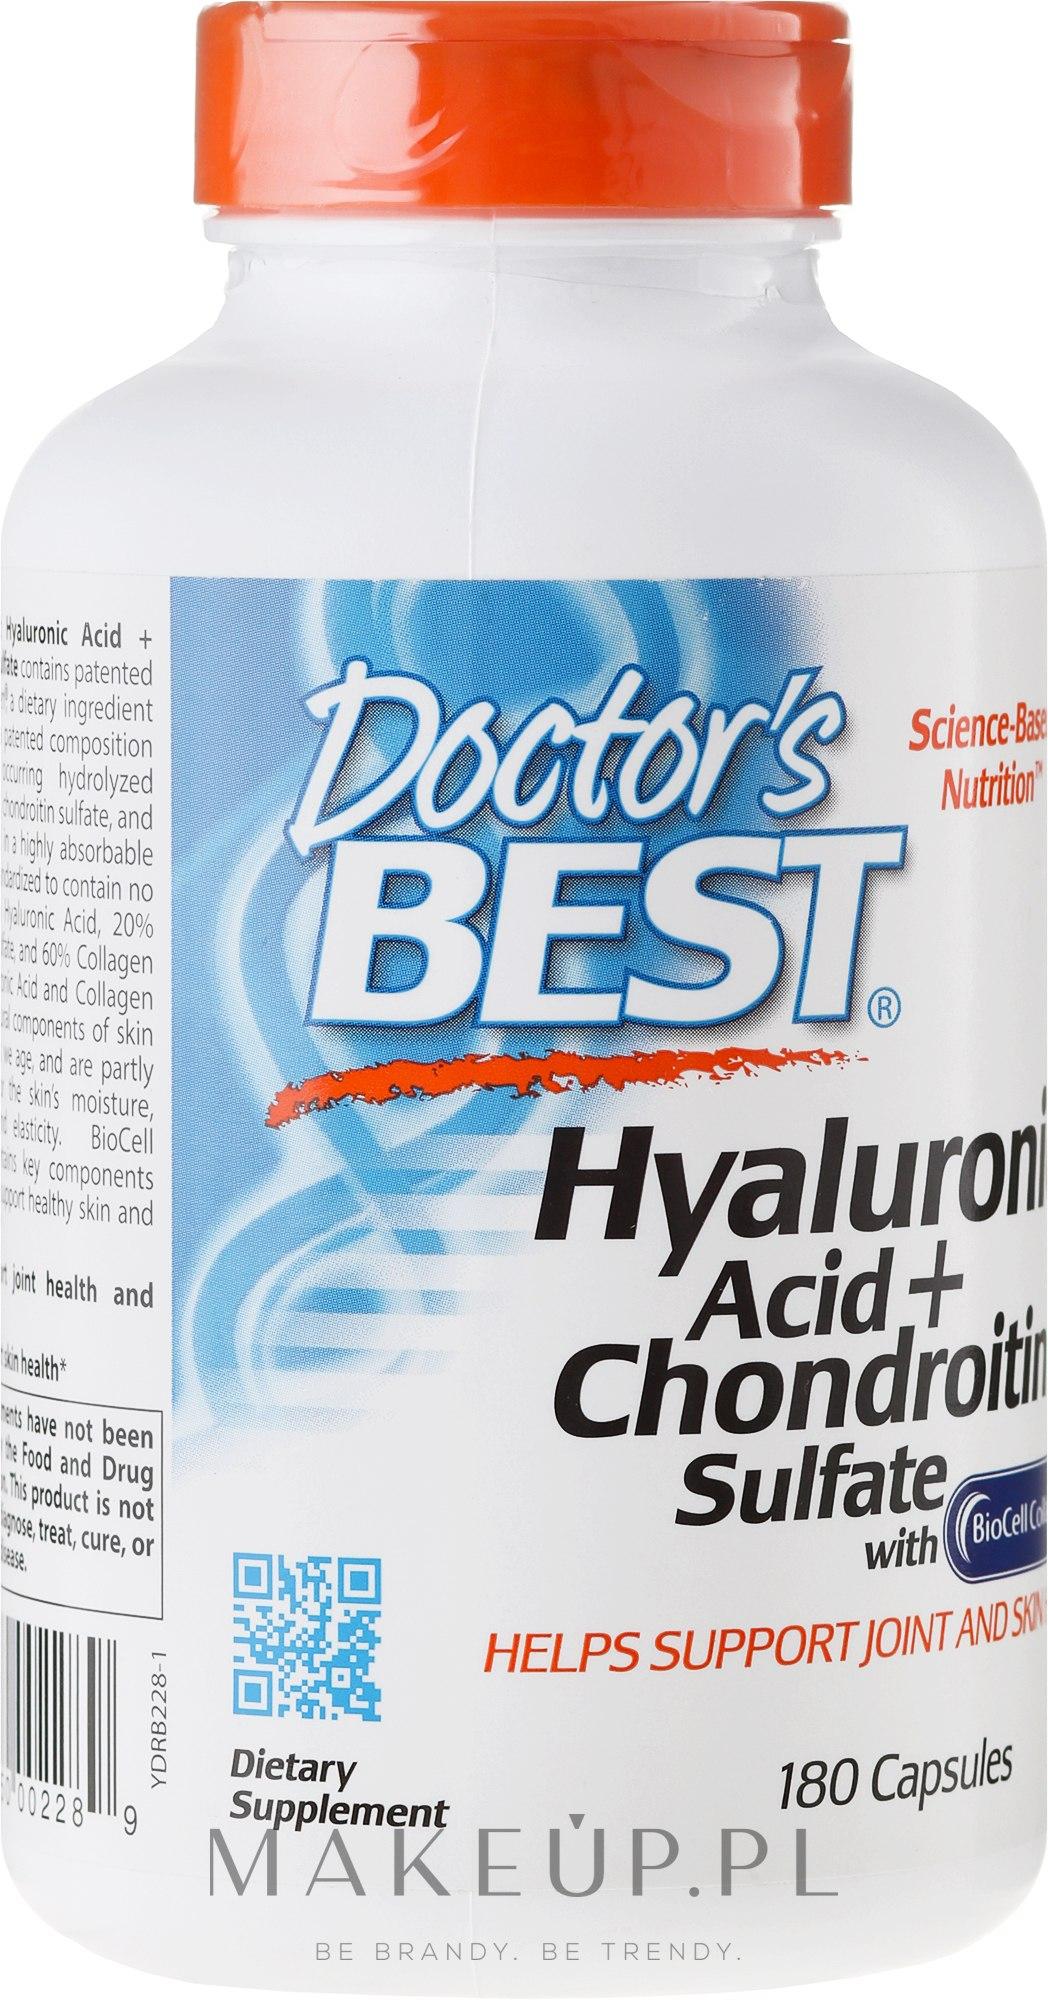 Kwas hialuronowy z siarczanem chondroityny i kolagenem na zdrowe stawy - Doctor's Best Hyaluronic Acid with Chondroitin Sulfate Capsules — фото 180 szt.